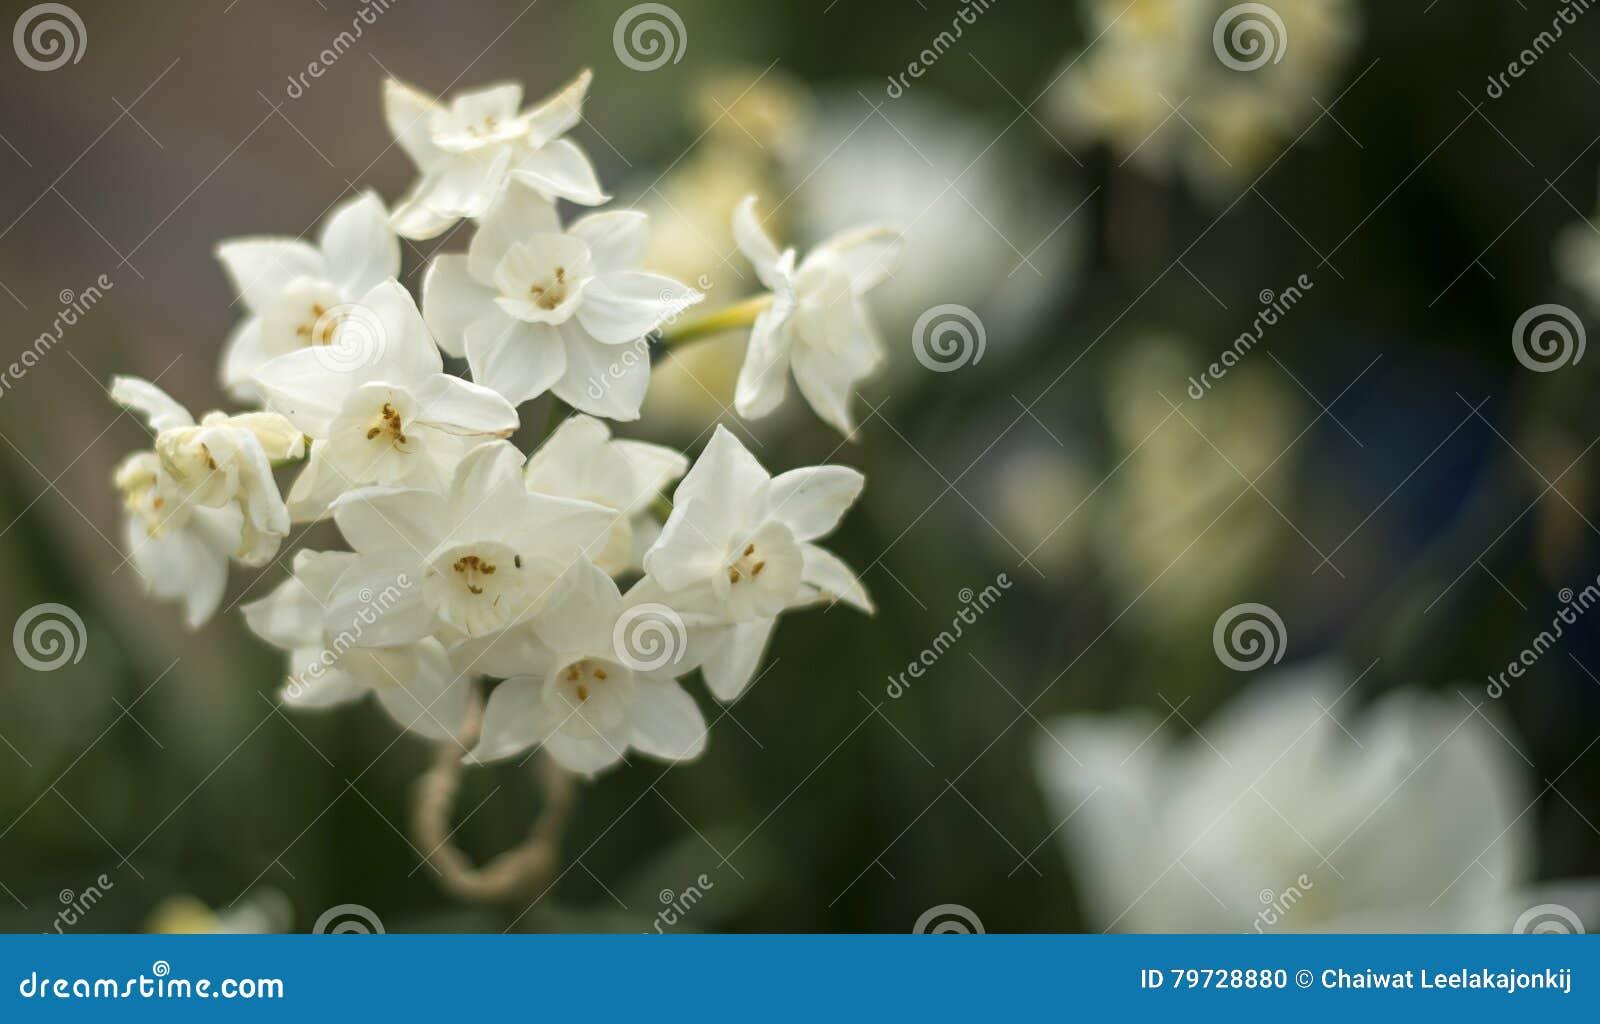 Blomning för vit blomma